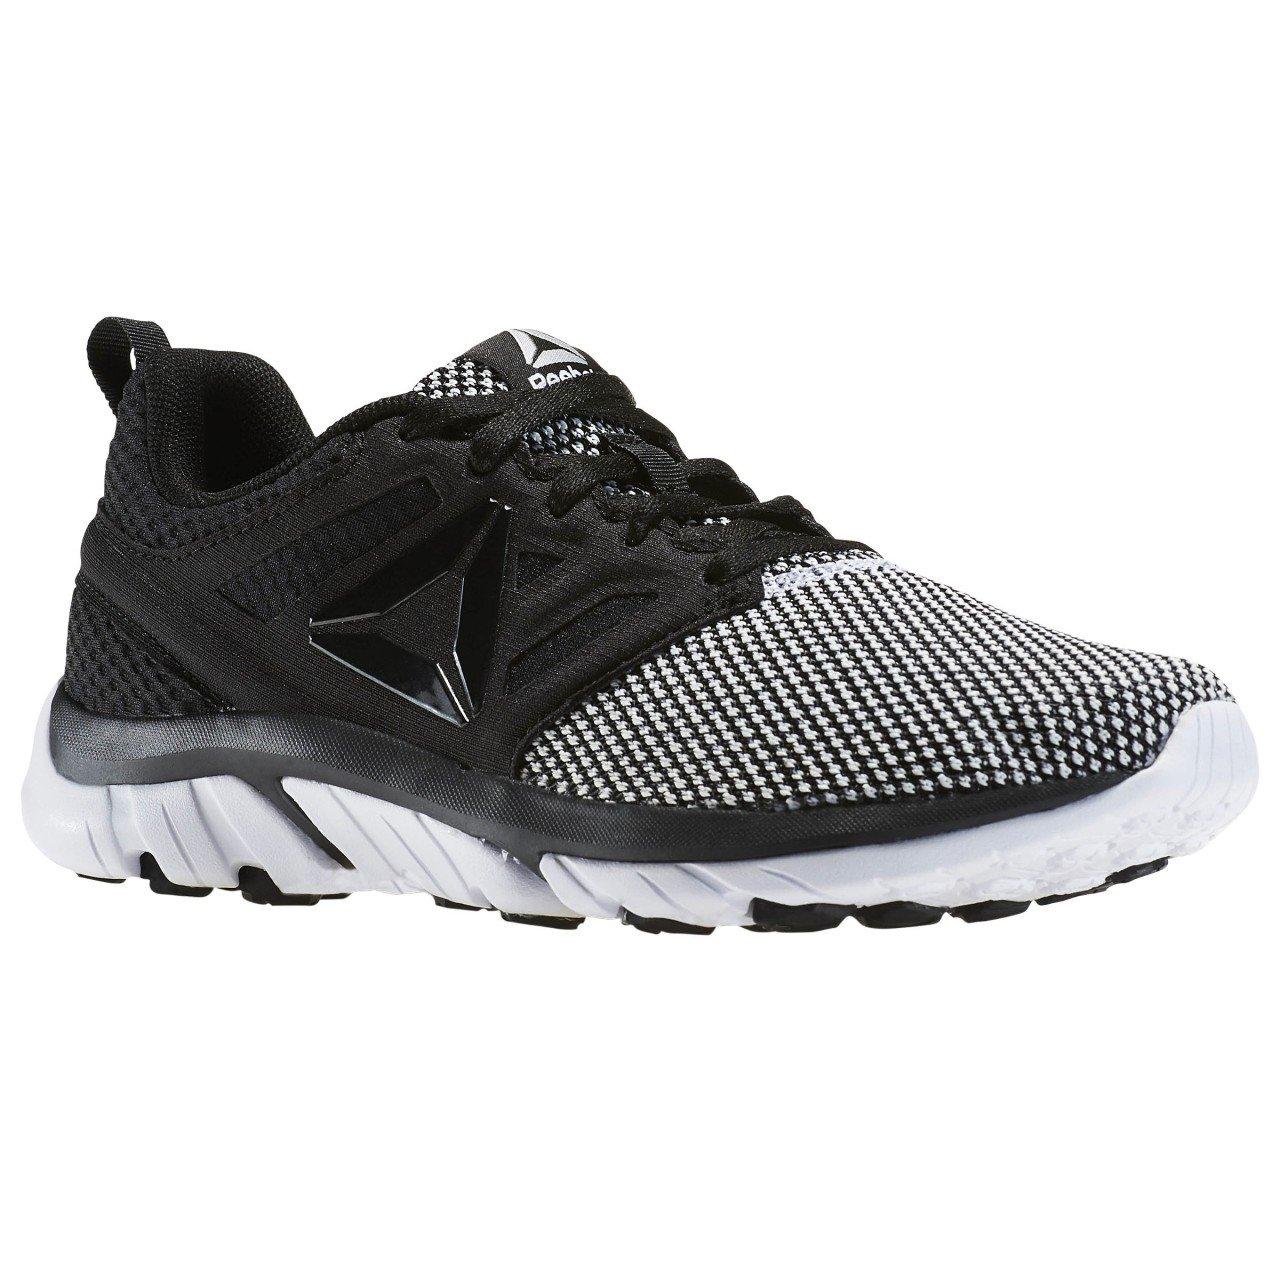 Reebok Run Reebok Zstrike Run Reebok Se - schwarz Weiß coal 2d289d